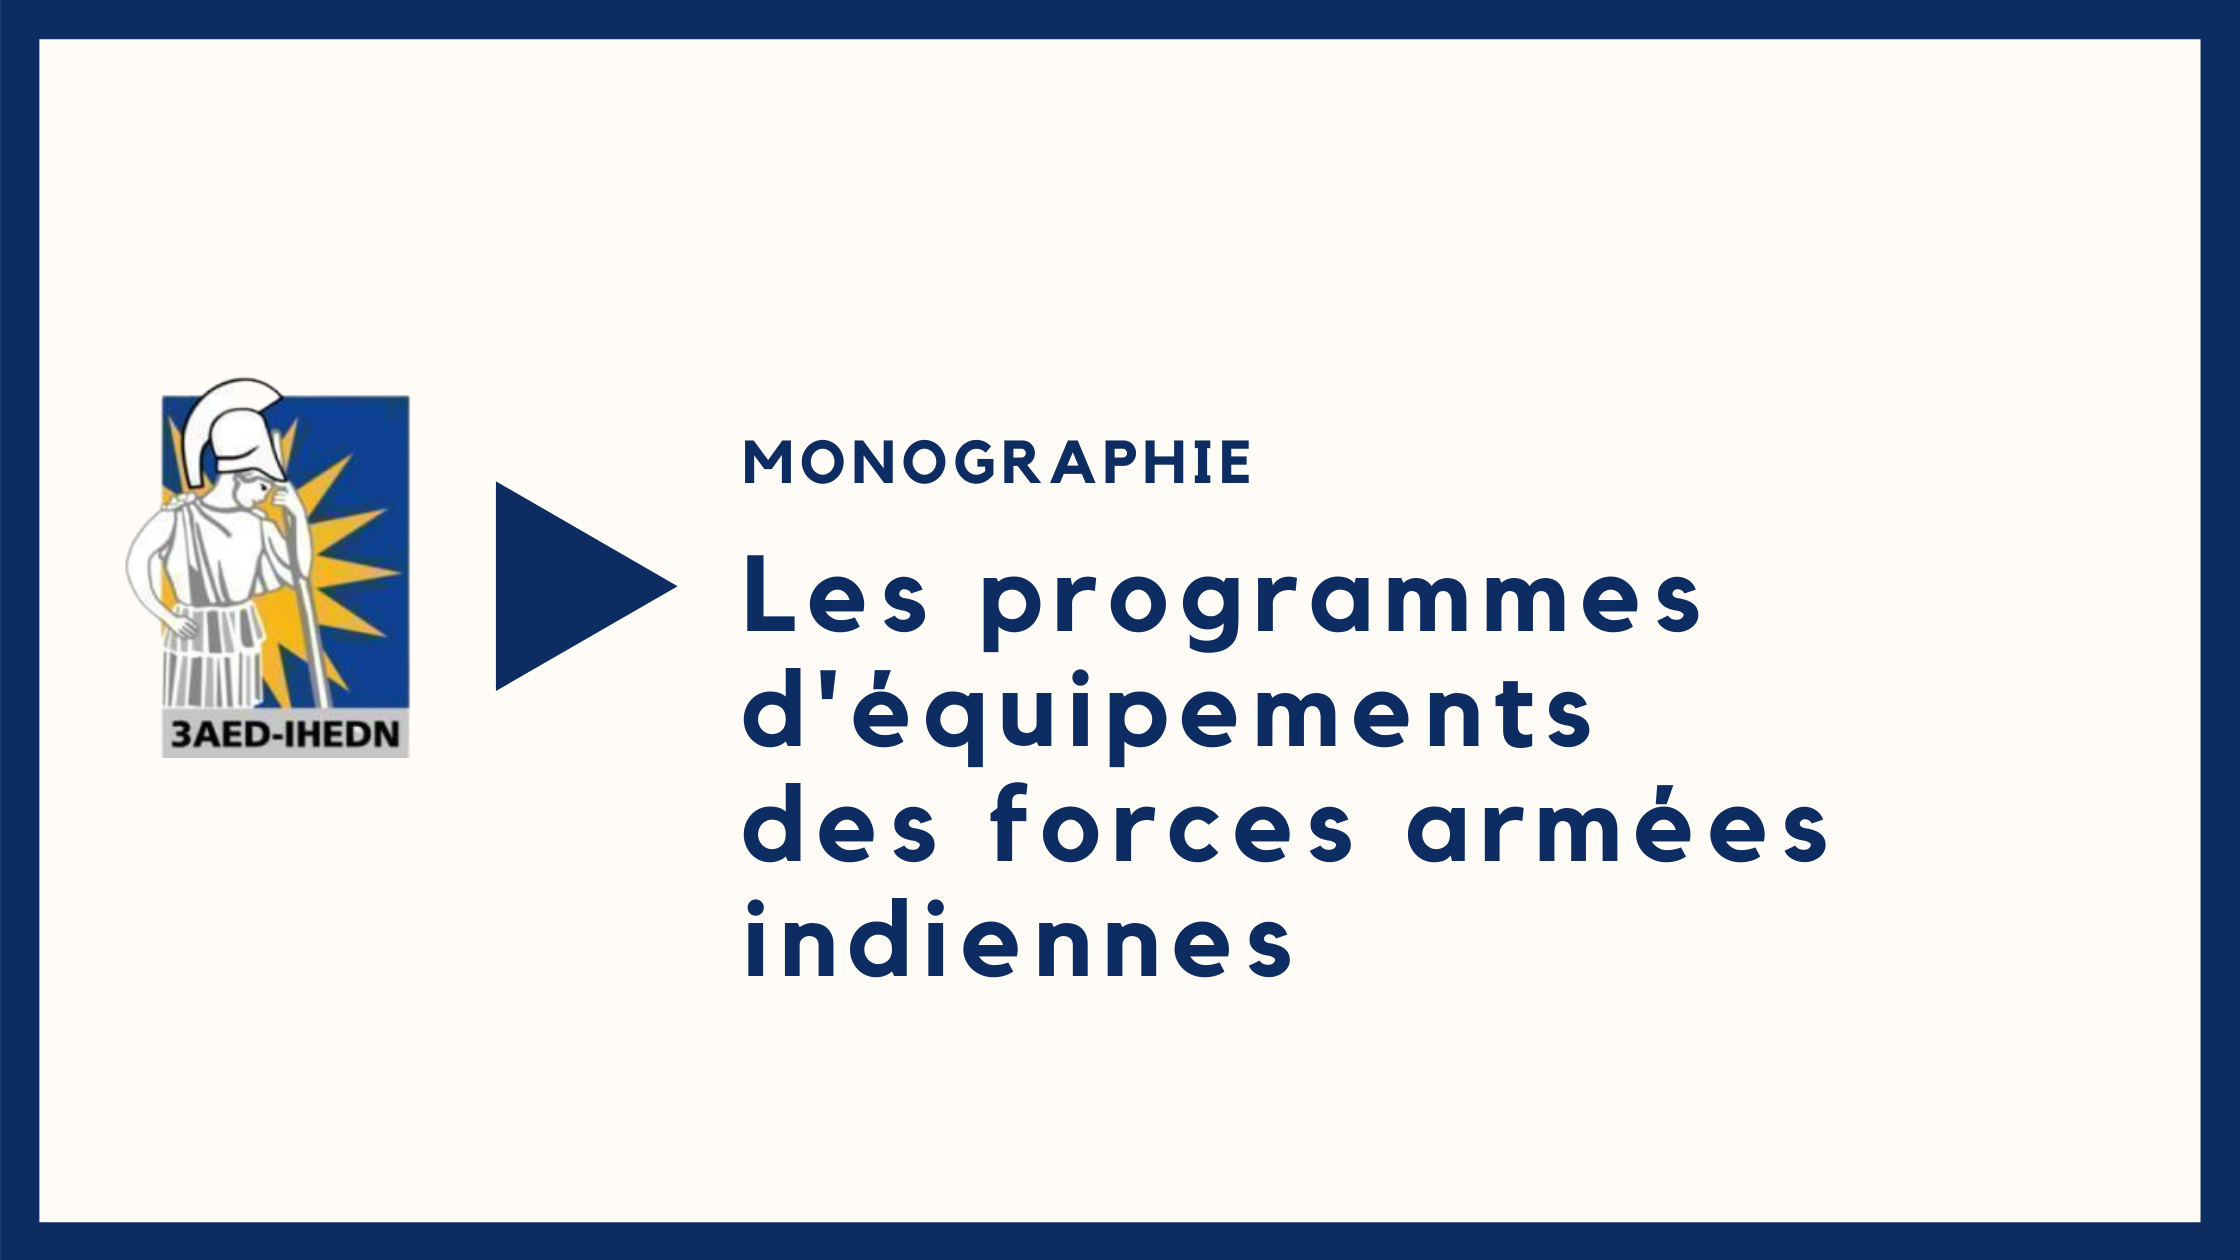 Monographie   Les programmes d'équipements des forces armées indiennes